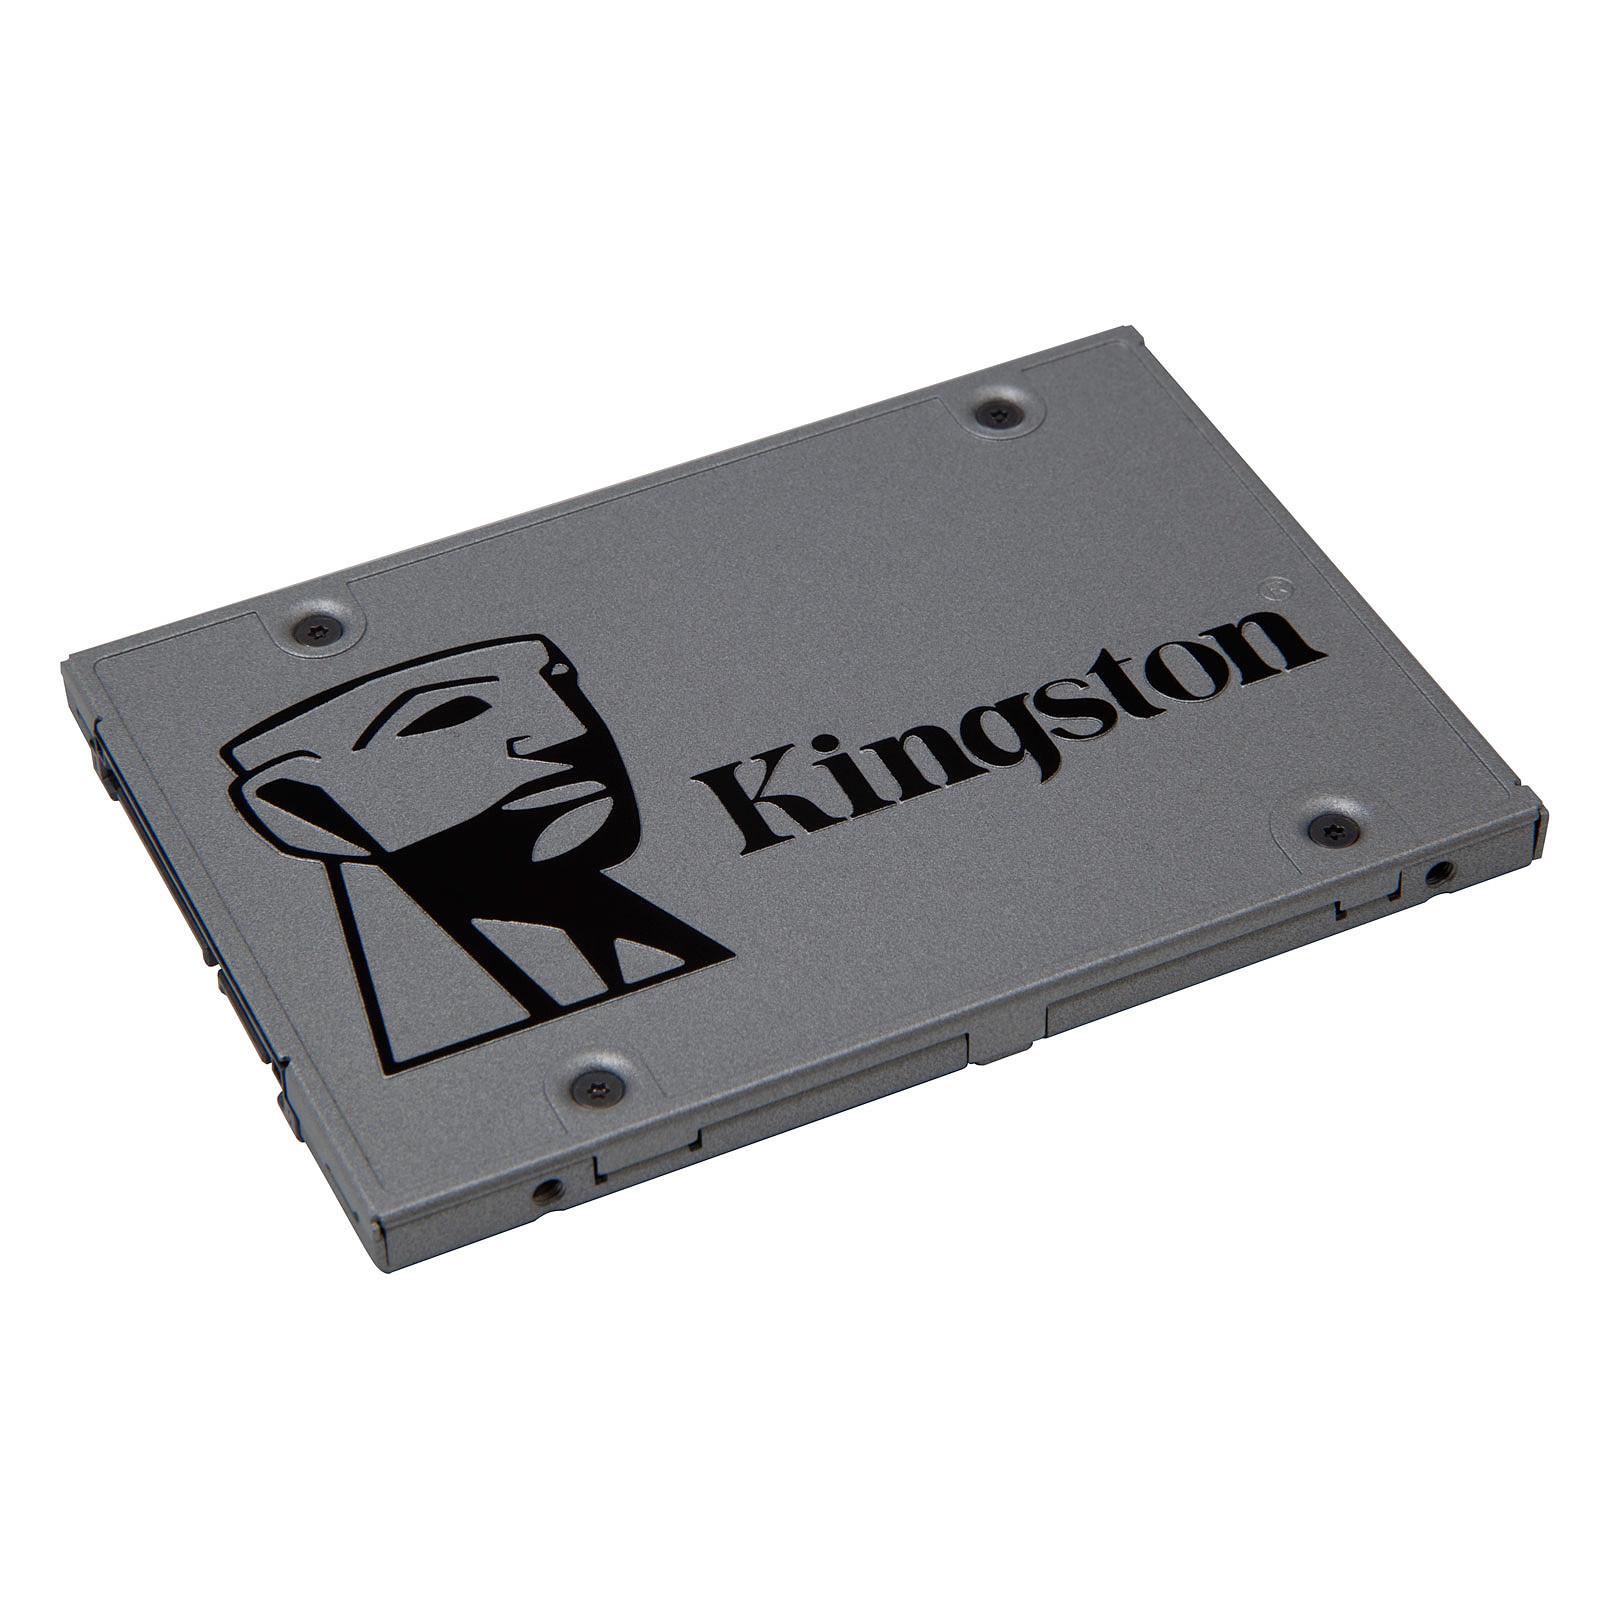 Kingston SSD UV500 480 Gb